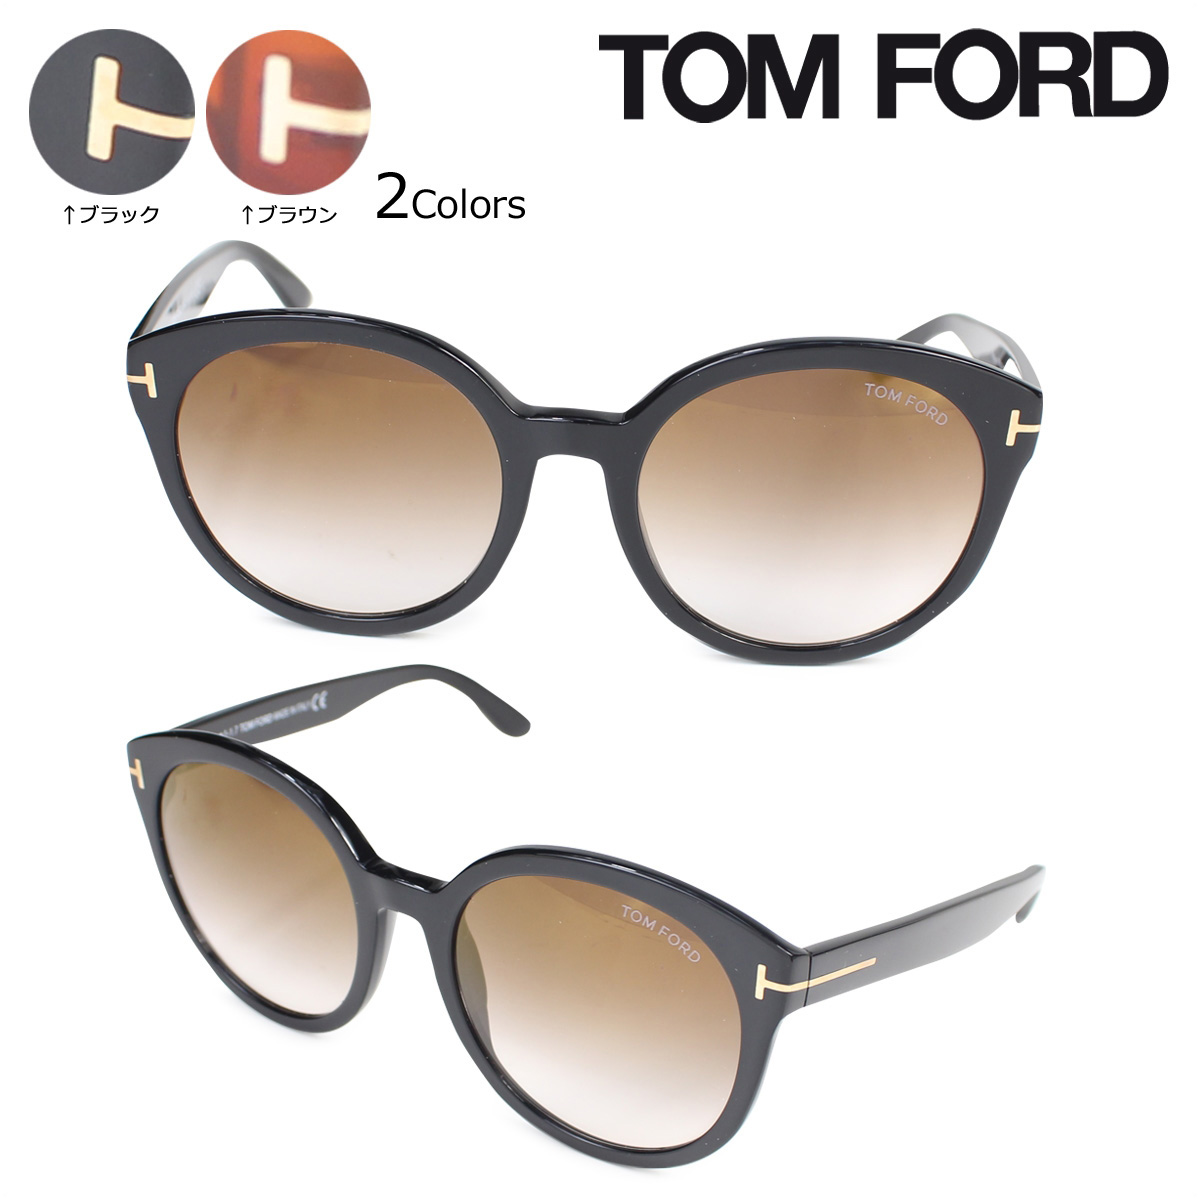 トムフォード TOM FORD サングラス メガネ メンズ レディース アイウェア FT0503 PHILIPPA SUNGLASSES 2カラー